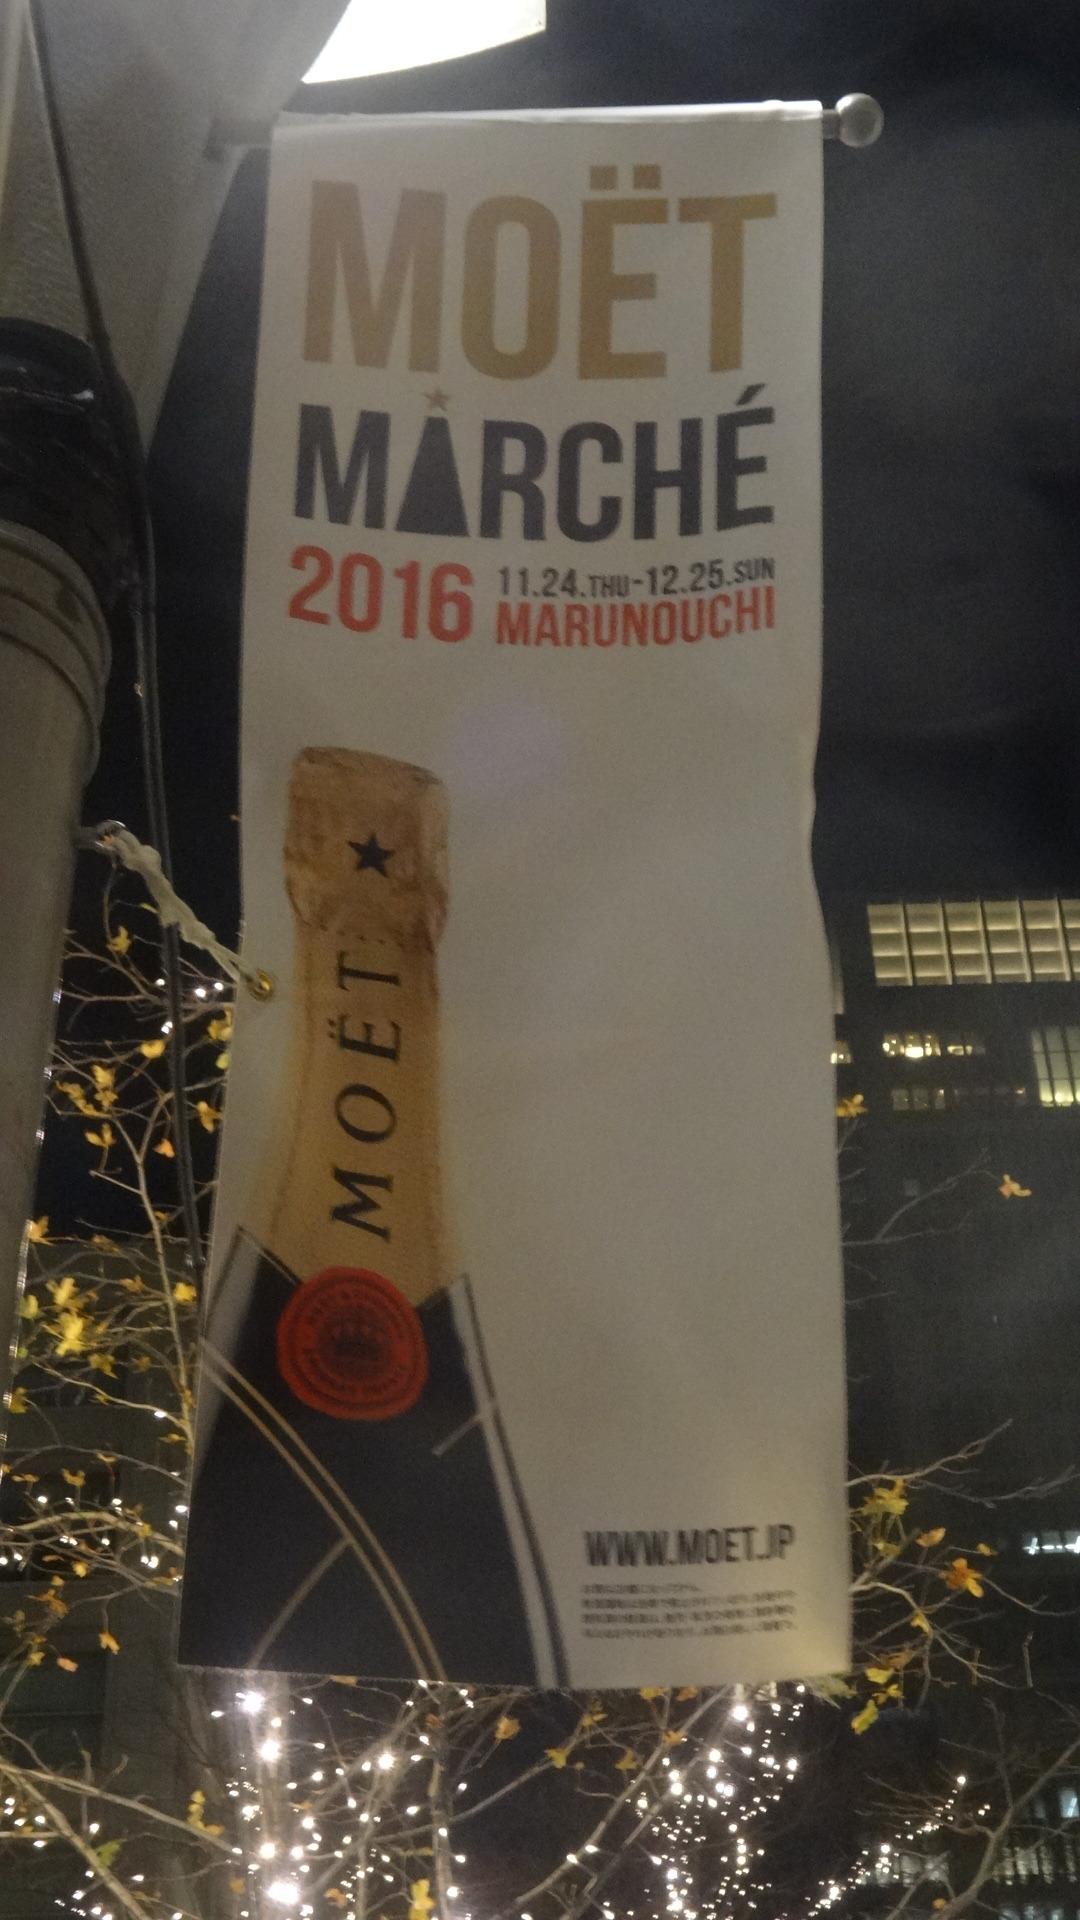 シャンパンメーカーの宣伝